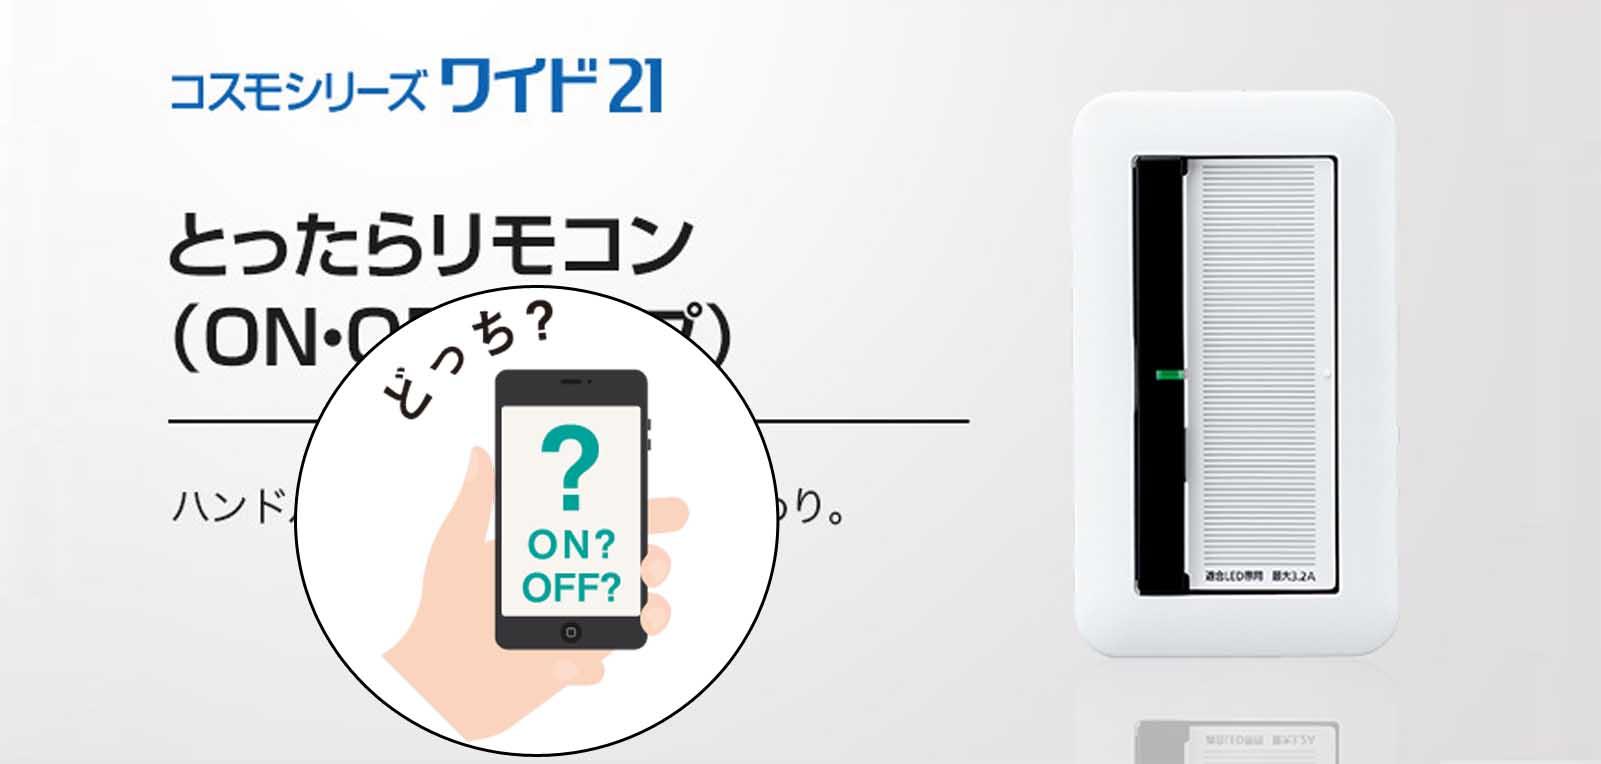 とったらリモコンの「ON/OFF状態」をスマホで確認することは可能か?